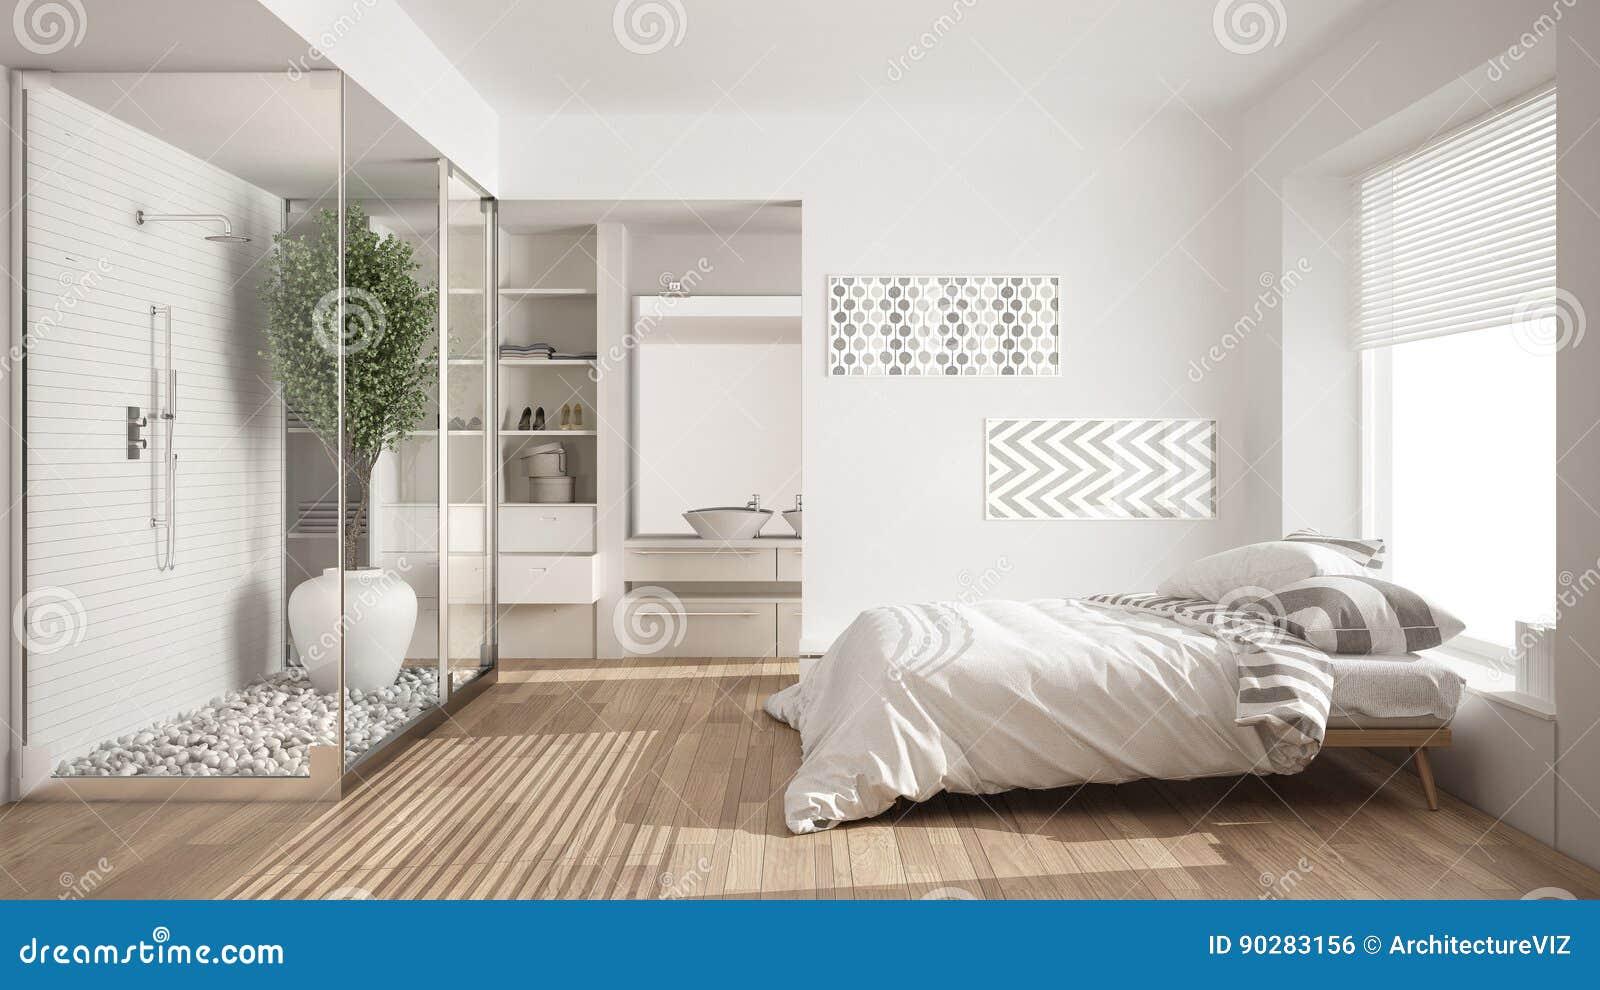 90283156 - Wandschrank schlafzimmer ...